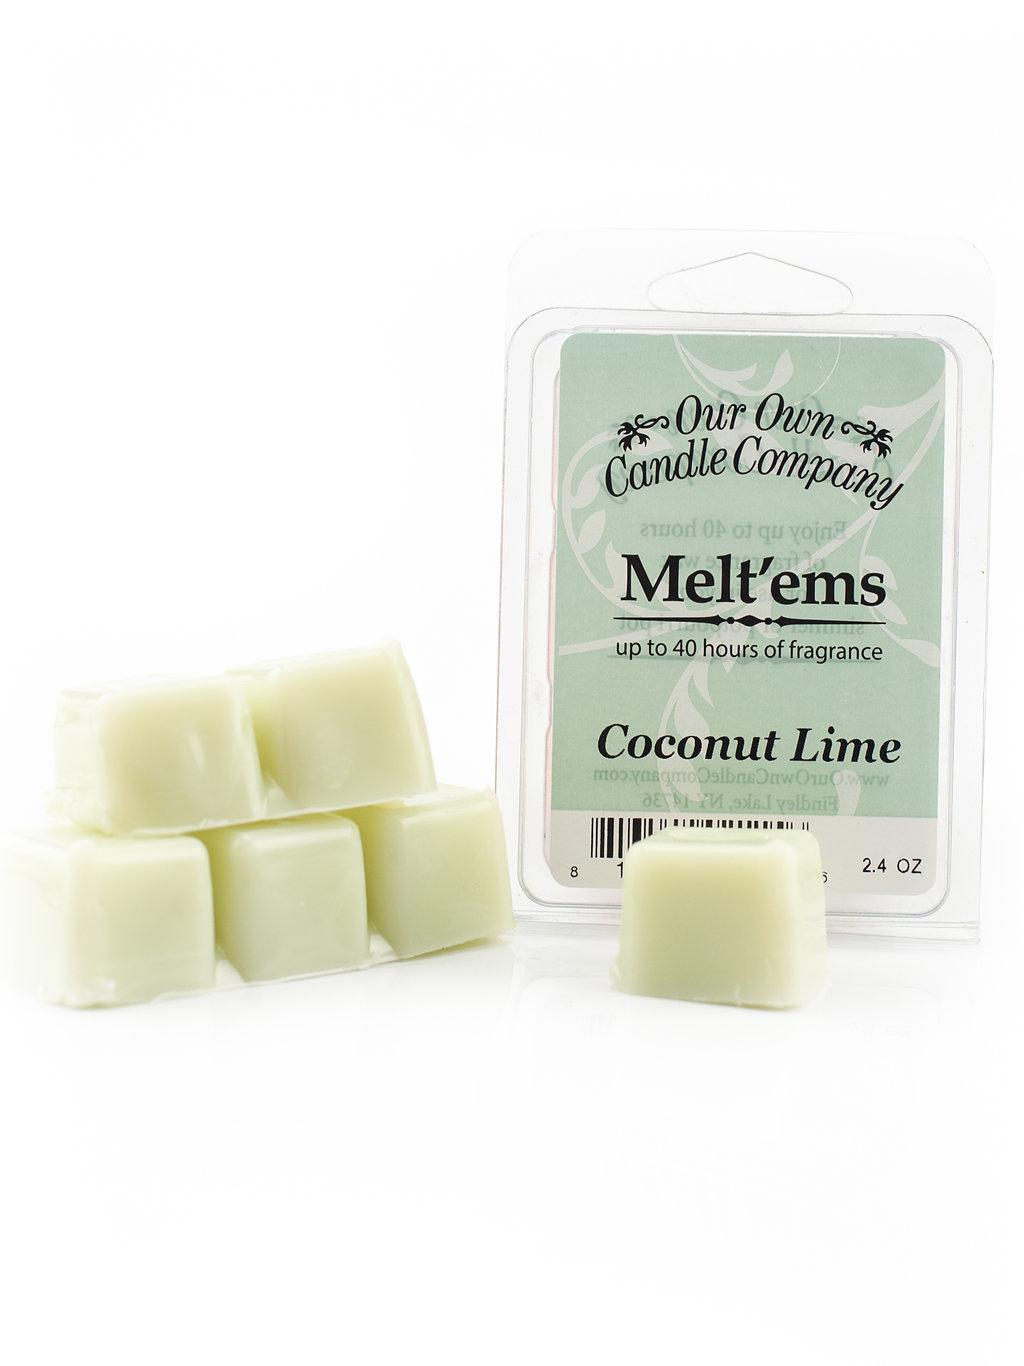 Coconut Lime Melt'em - 6 Cube 2.4 ounce